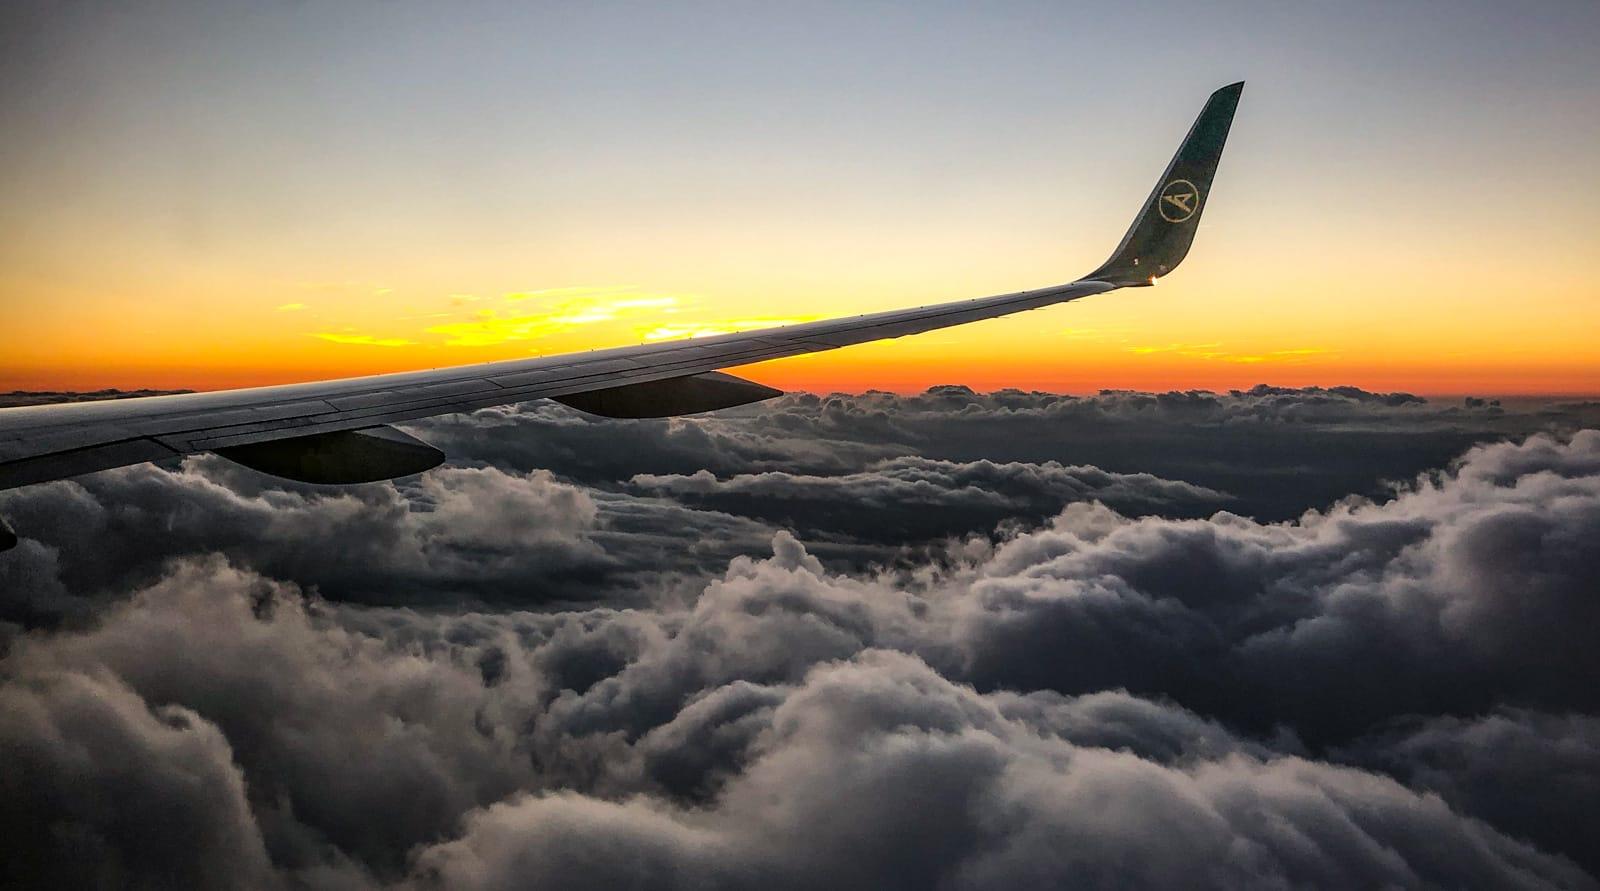 Toller Ausblick mit Flügel und Wolken im Sonnenuntergang beim Anflug auf Halifax